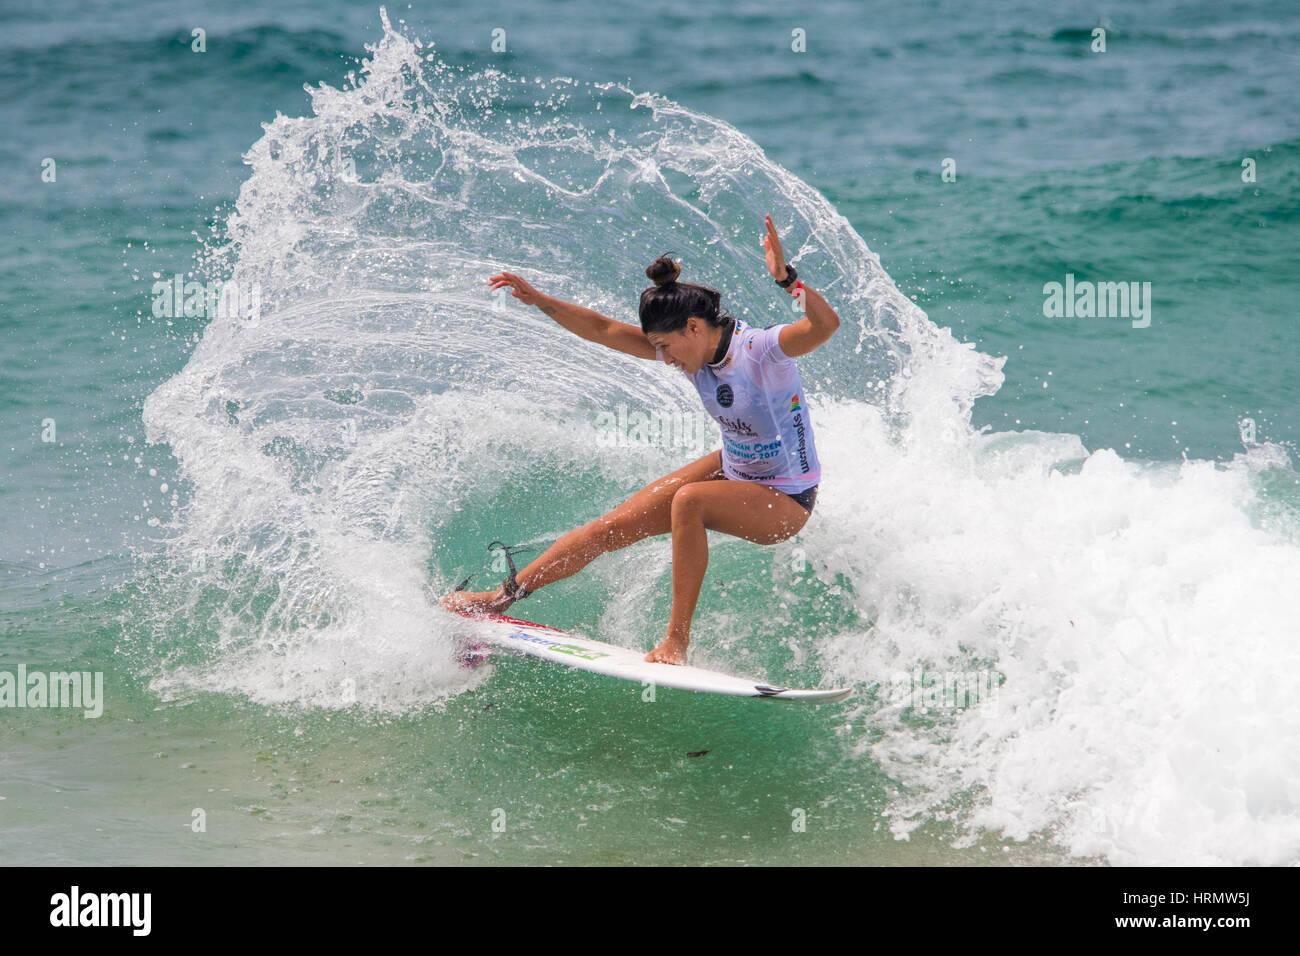 Sydney, Australien 3. März 2017: Australian Open von Surfen Sport-Event am Manly Beach, Australien mit Musik, Skaten, Stockfoto